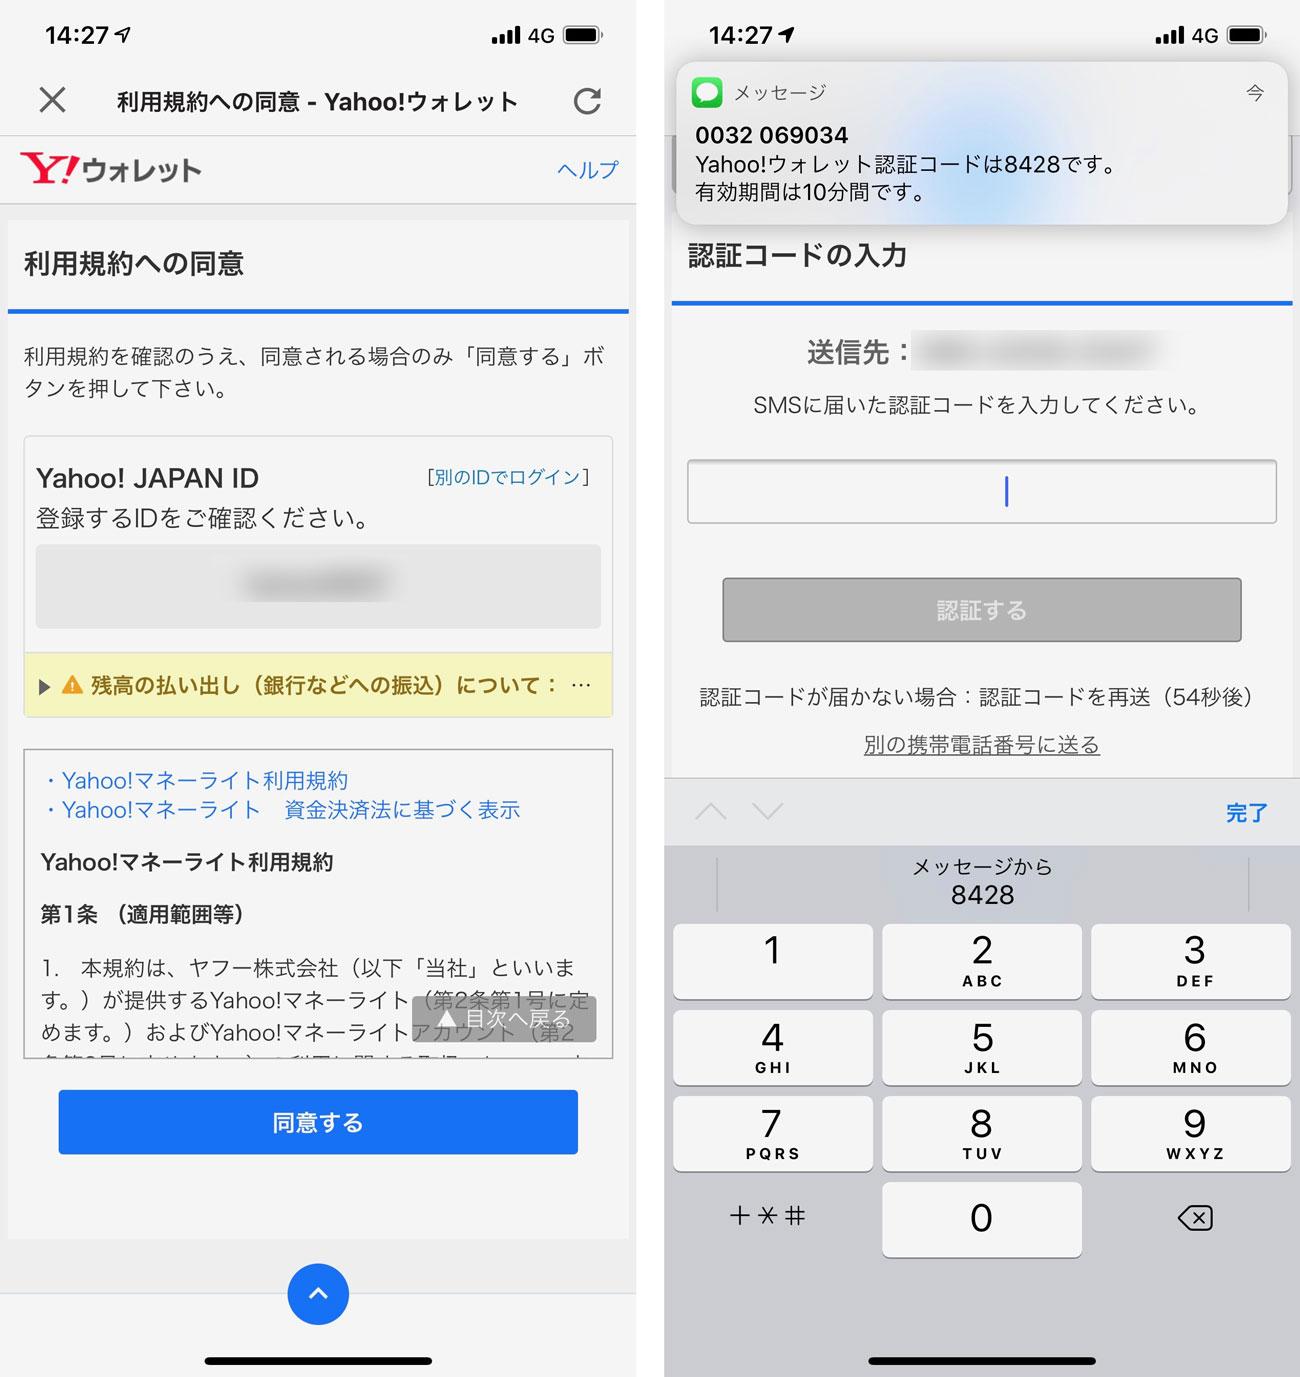 Yahoo!ウォレット PayPay登録